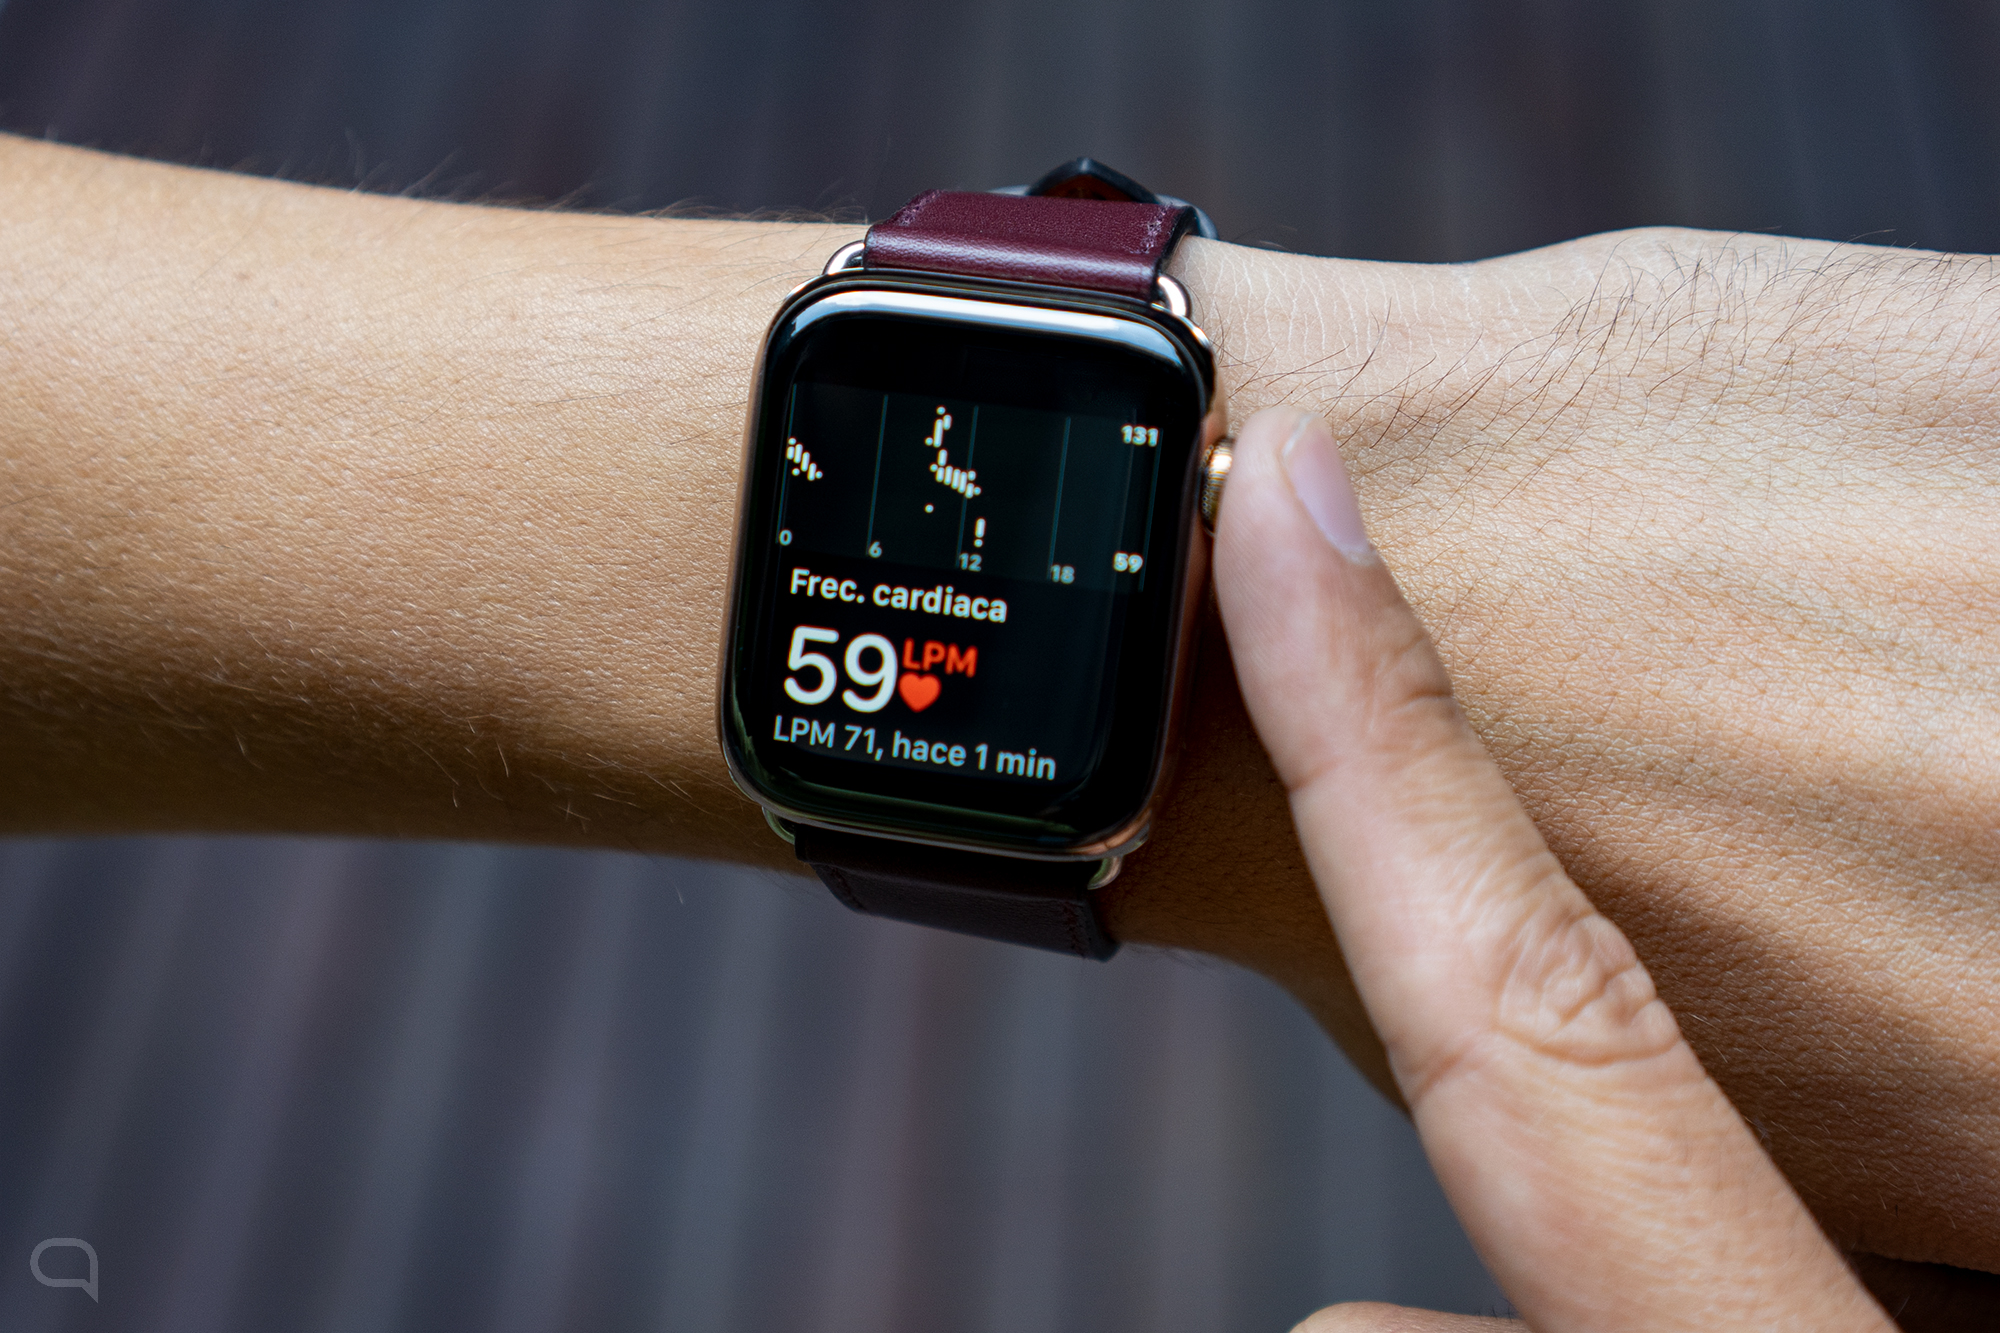 Los electrocardiogramas llegarán con watchOS 5.1.2